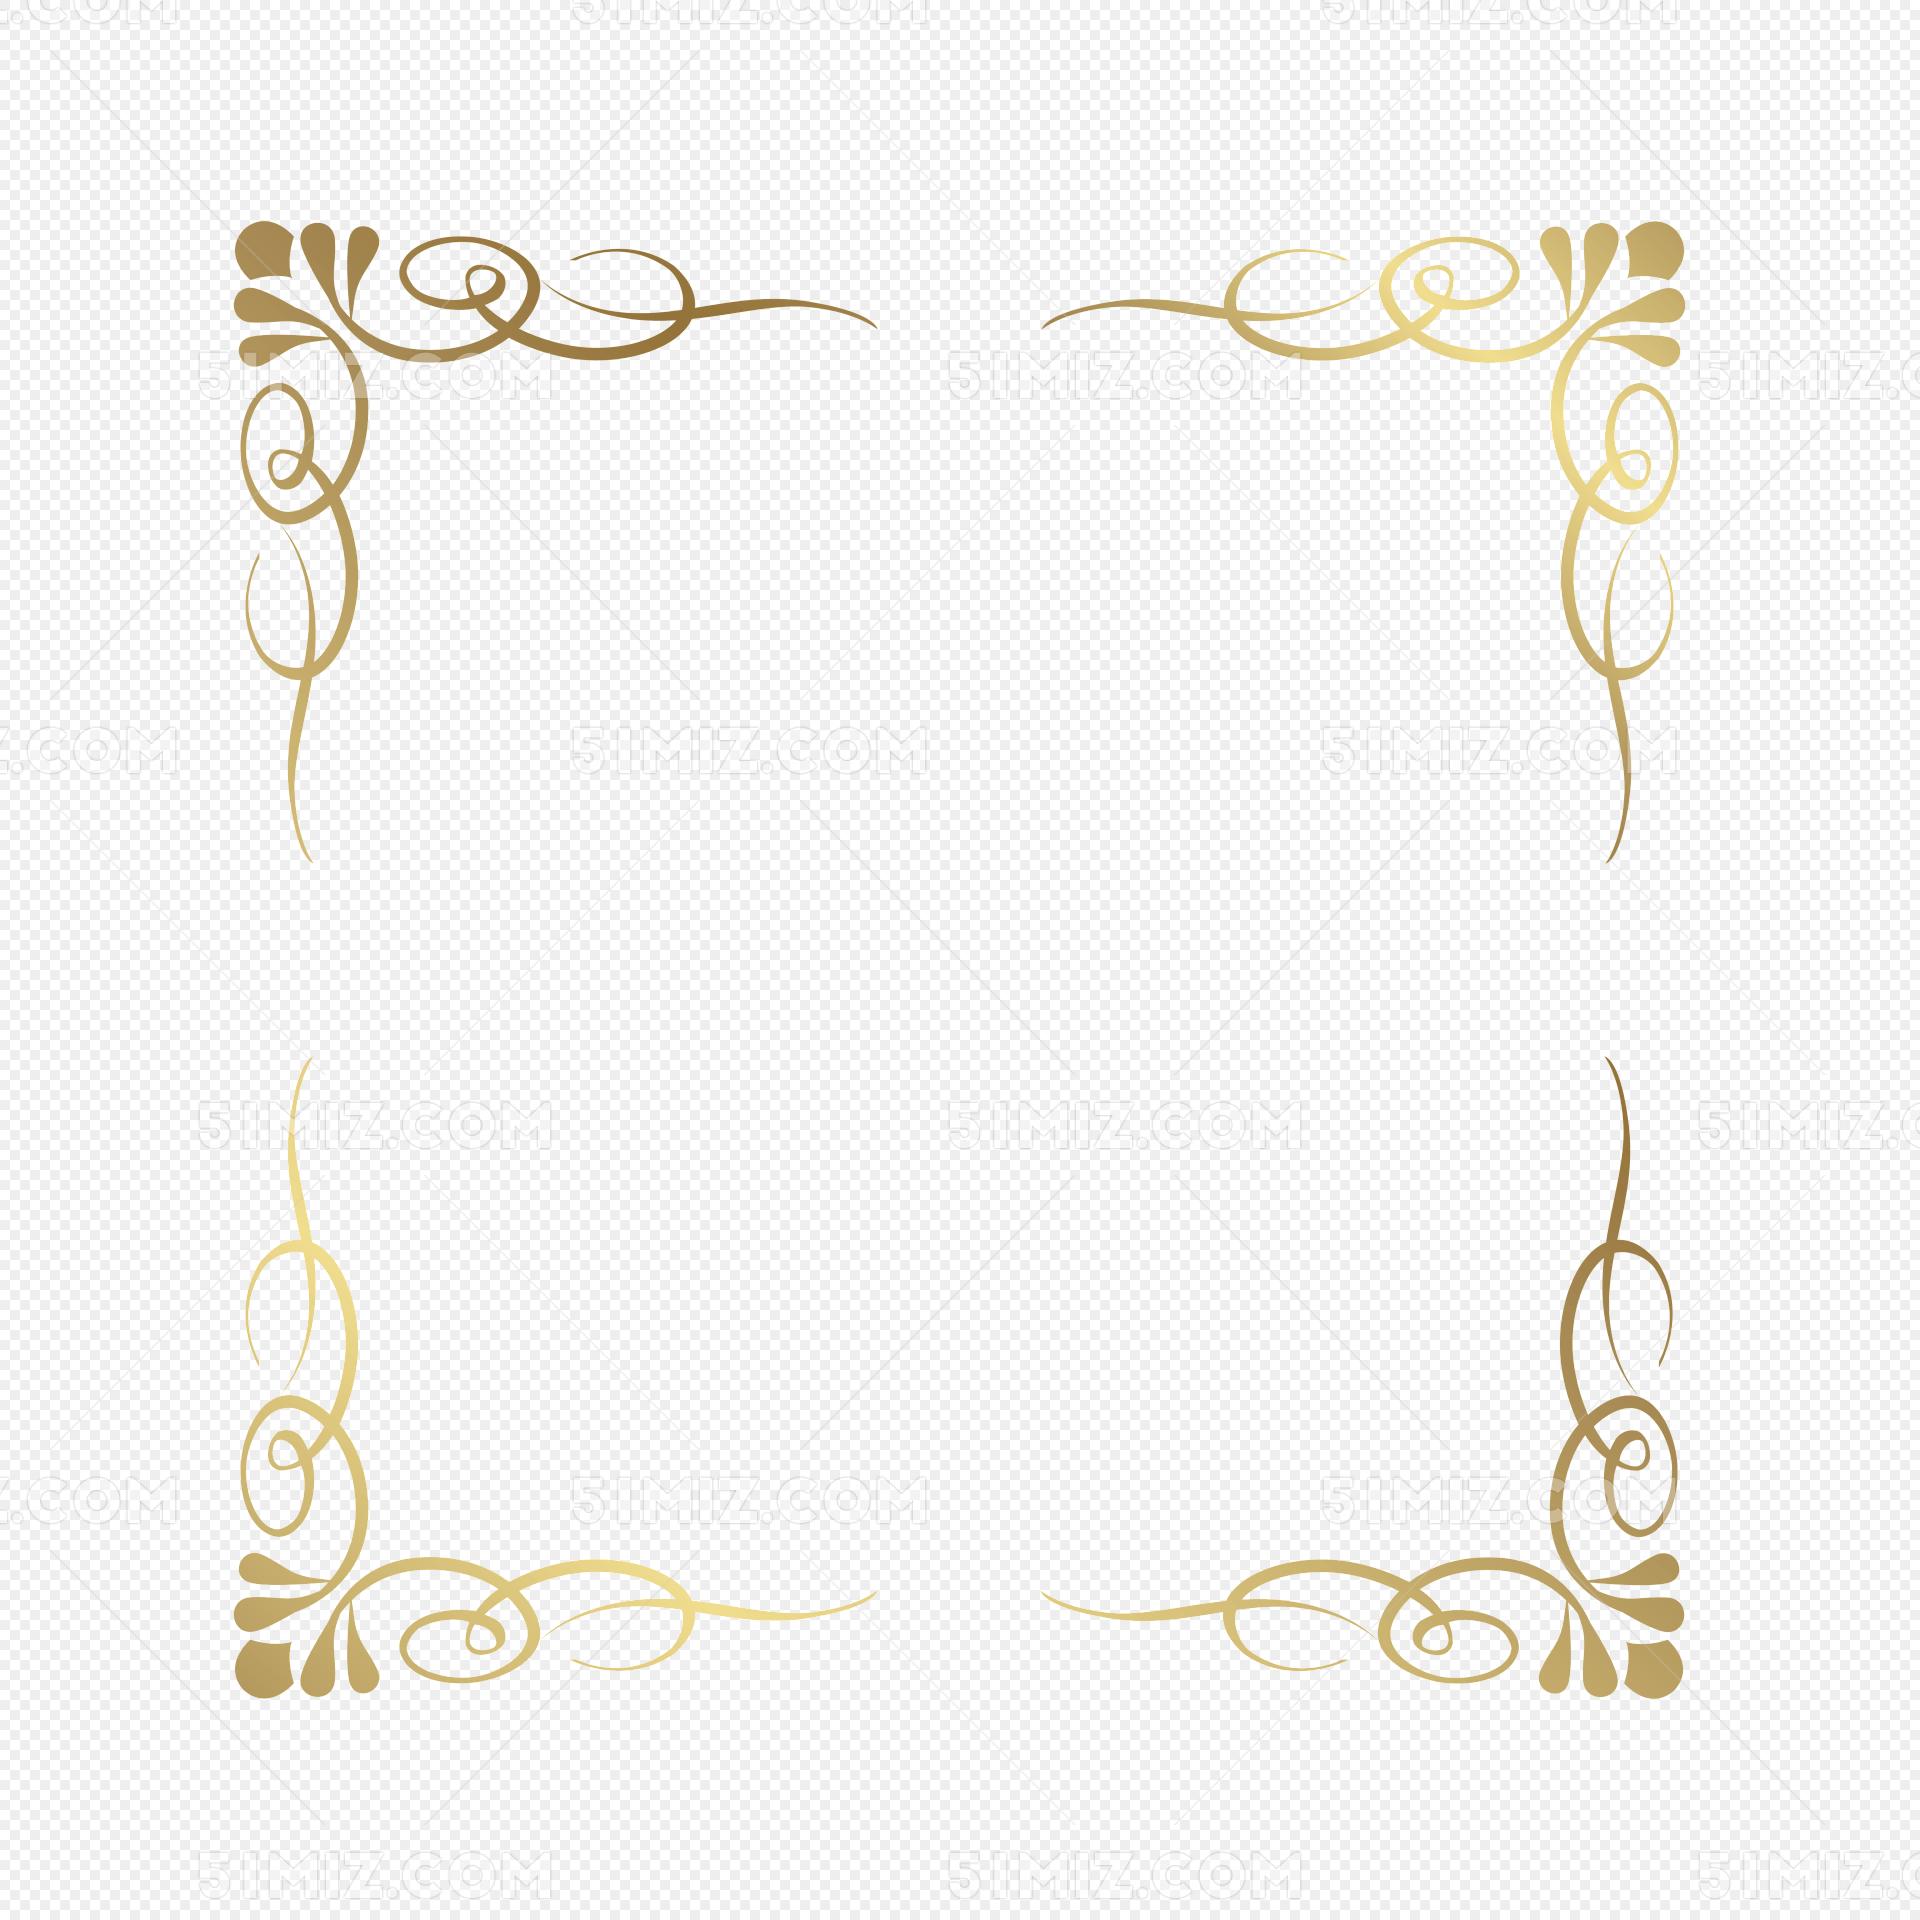 金色矩形法式花纹边框png图片